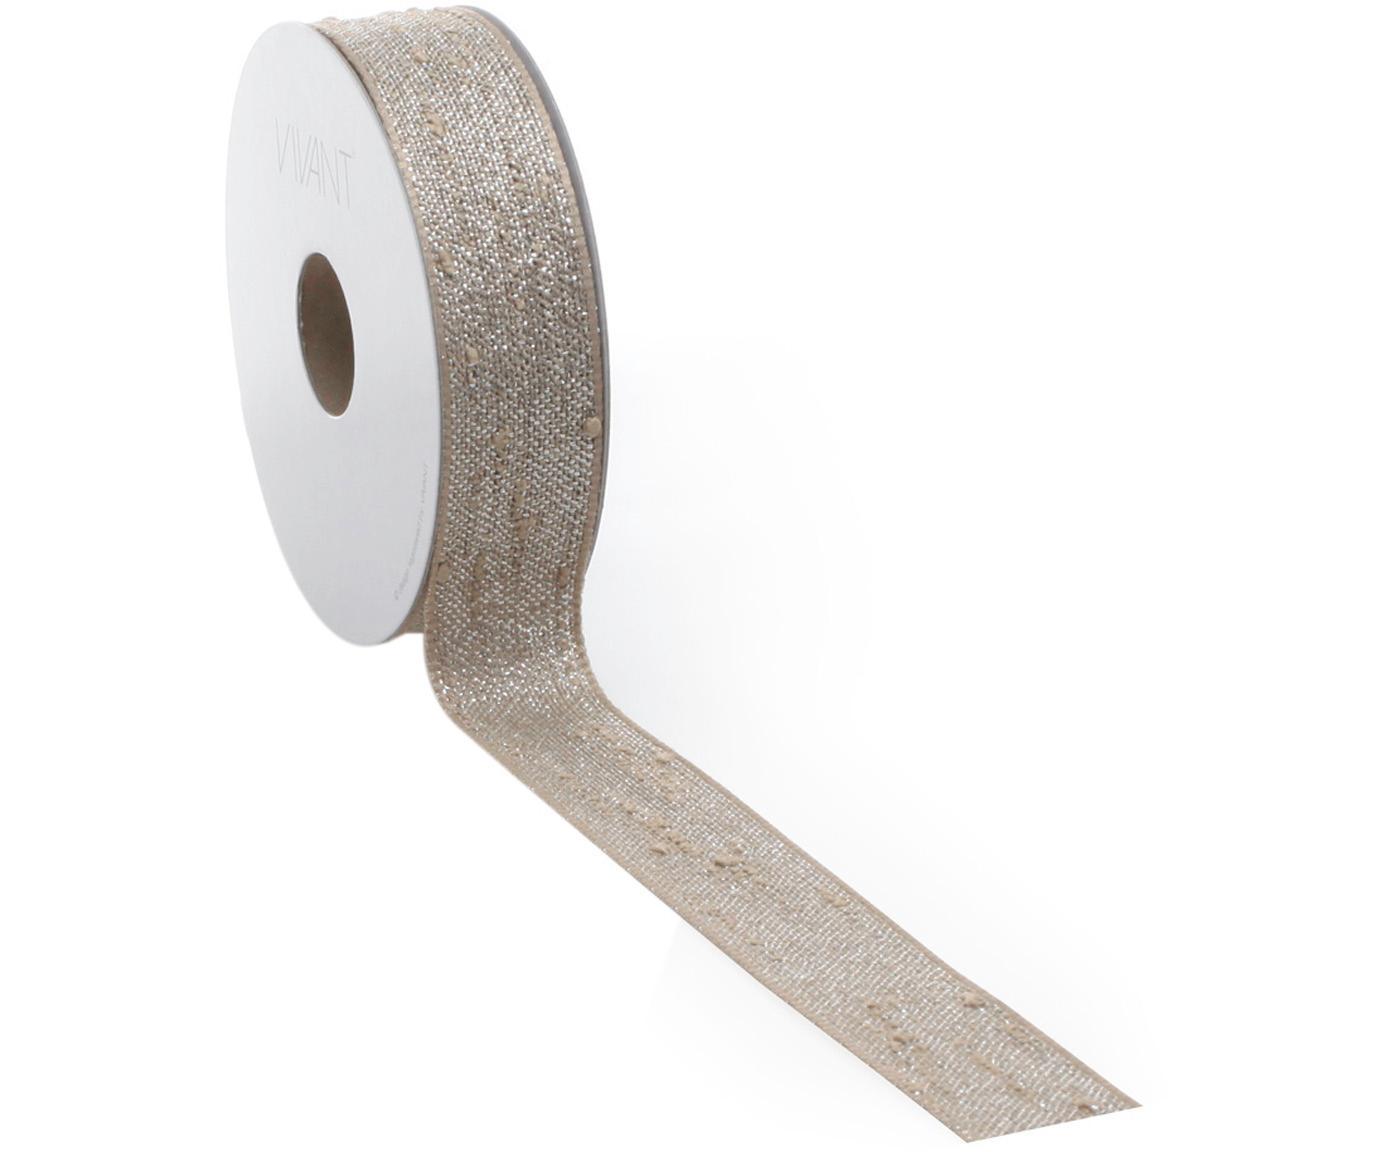 Wstążka prezentowa Boucle, 55% poliester, 45% nić lureksowa, Brązowy, odcienie srebrnego, S 3 x D 1000 cm